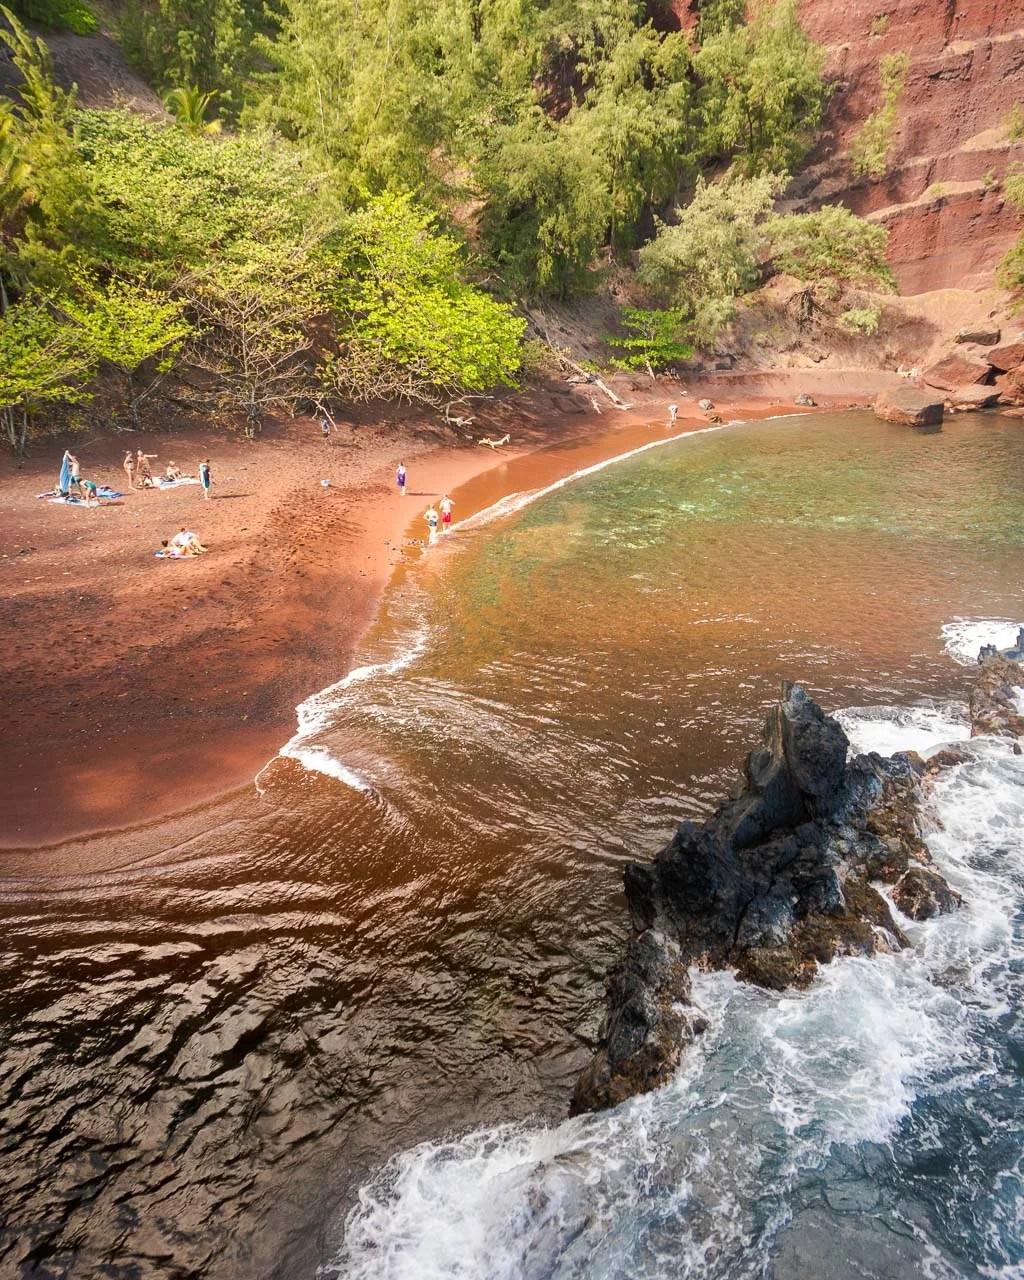 Red Sand Beach, Road to Hana, Maui